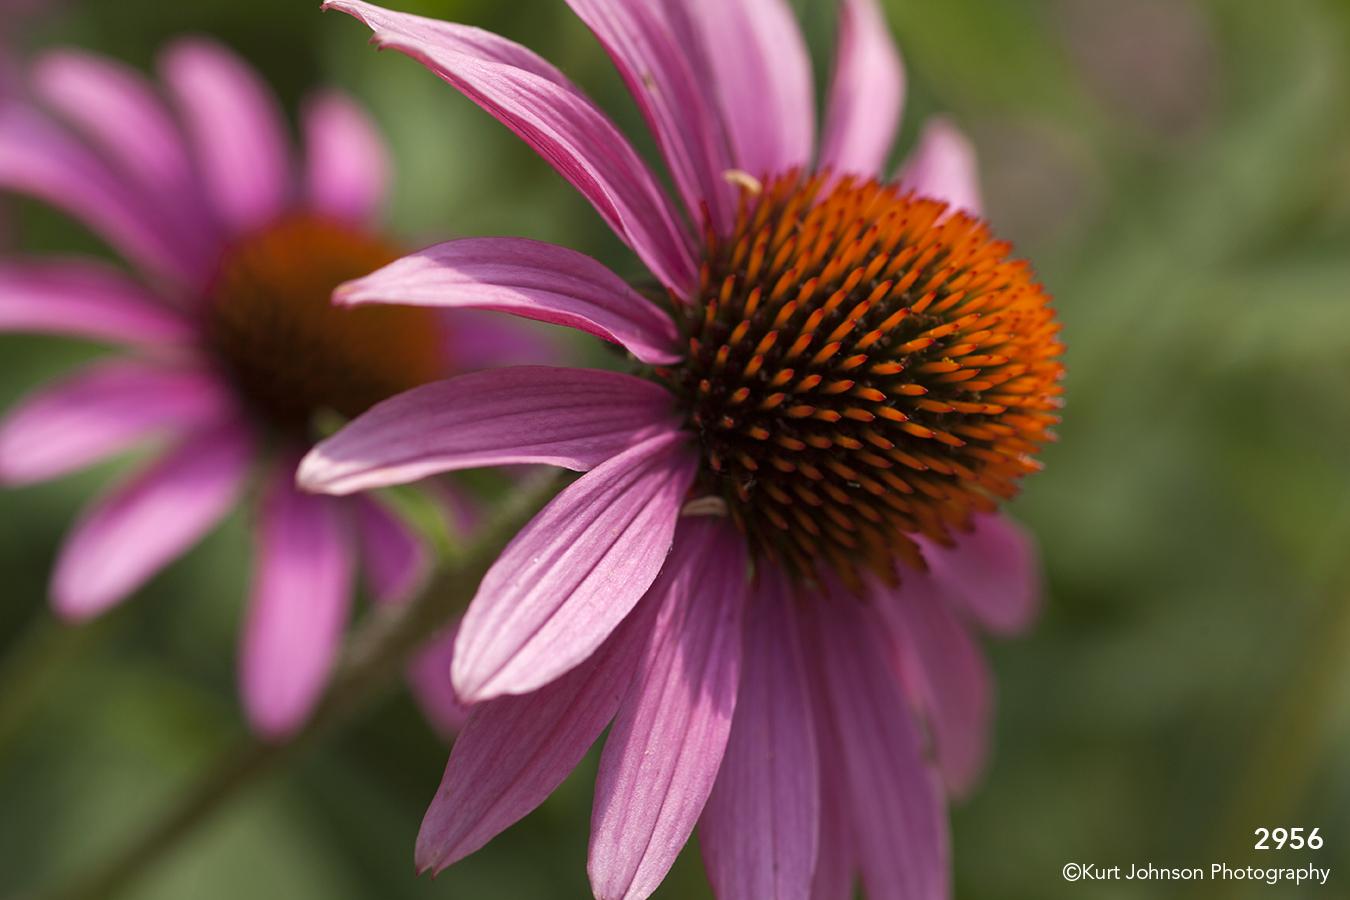 flower flowers daisy purple pink orange